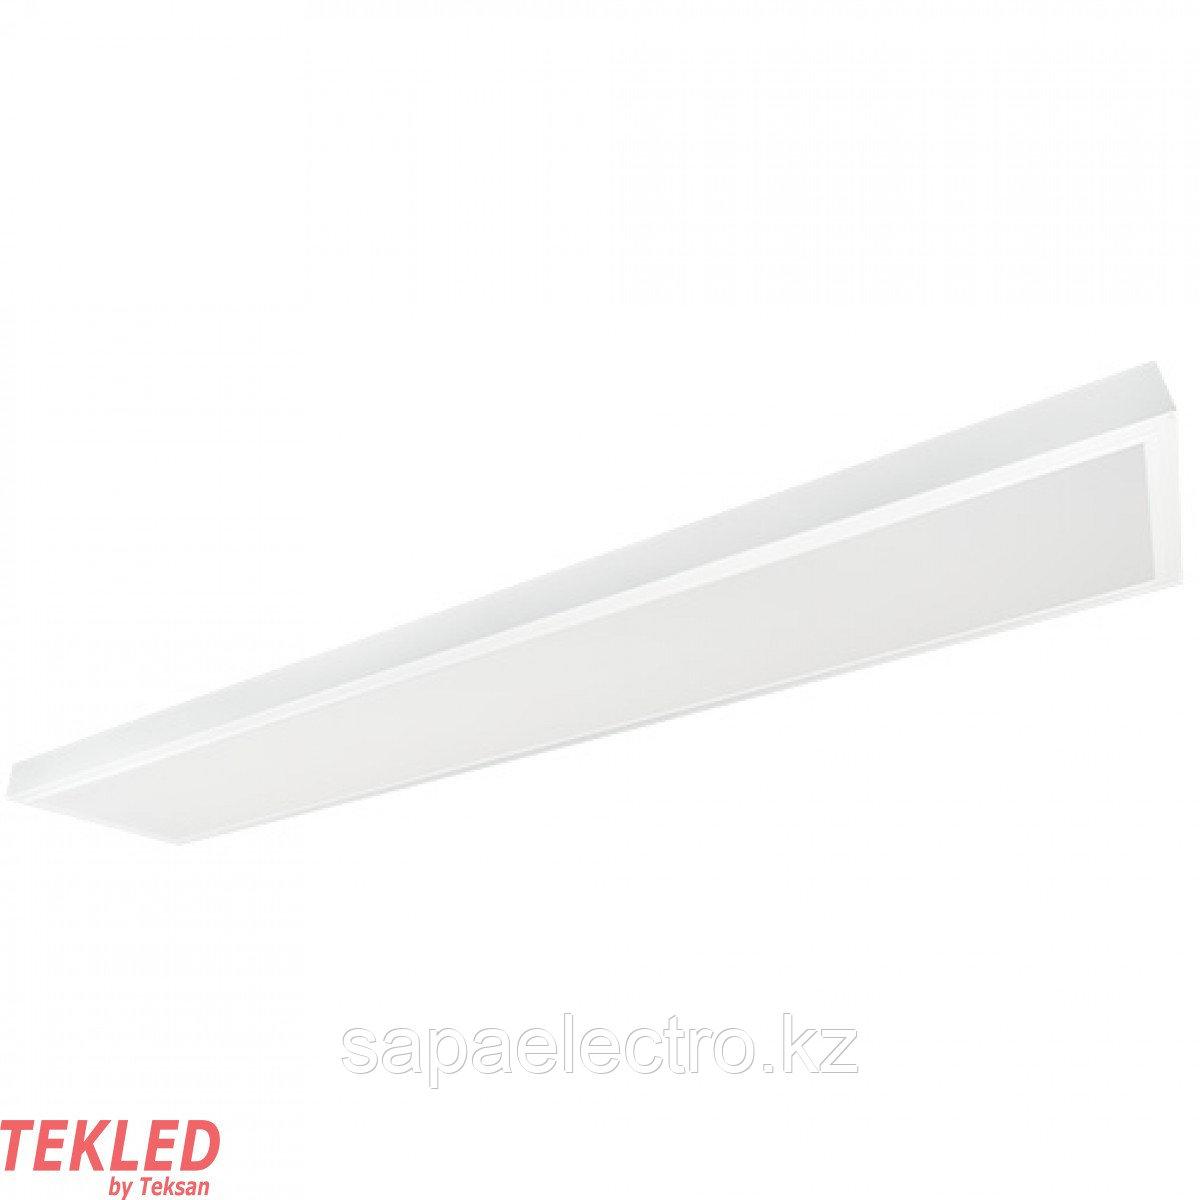 Св-к OPALLED 4X9W/LZN 236 MODERNA накл-й MEGALUX